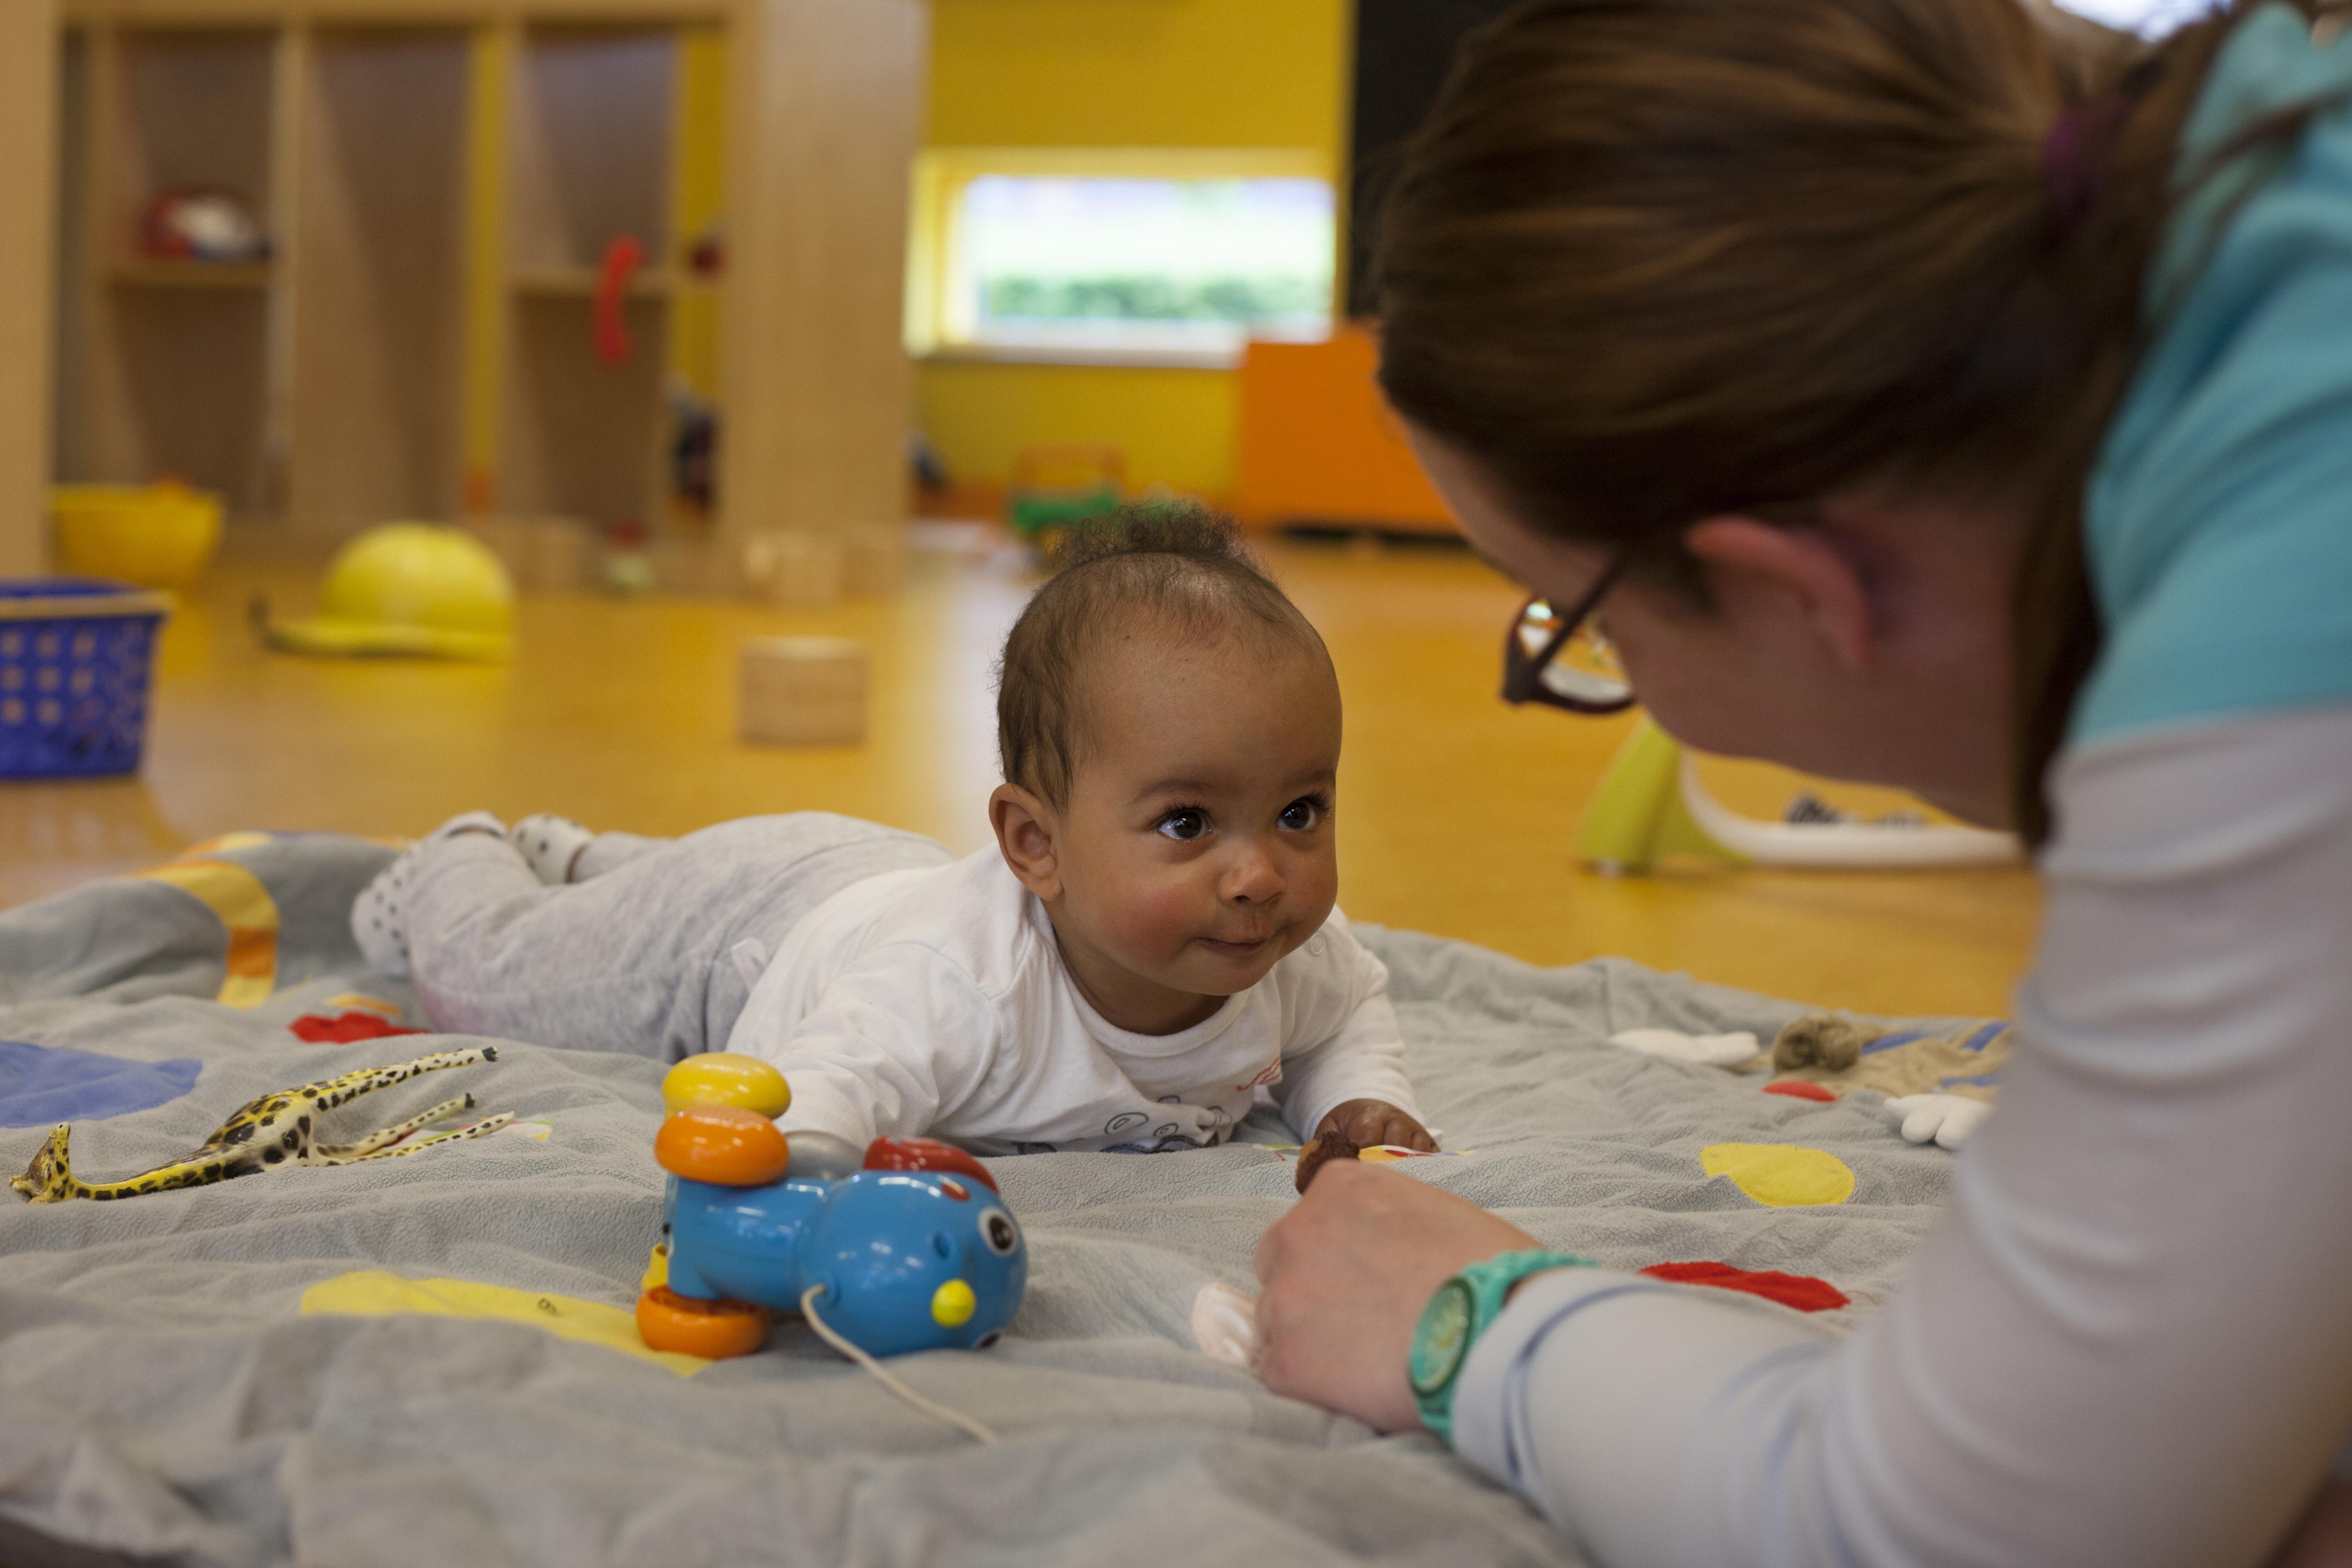 Kinderdagverblijf De Zeeparels in Stiens - Kids First COP Groep